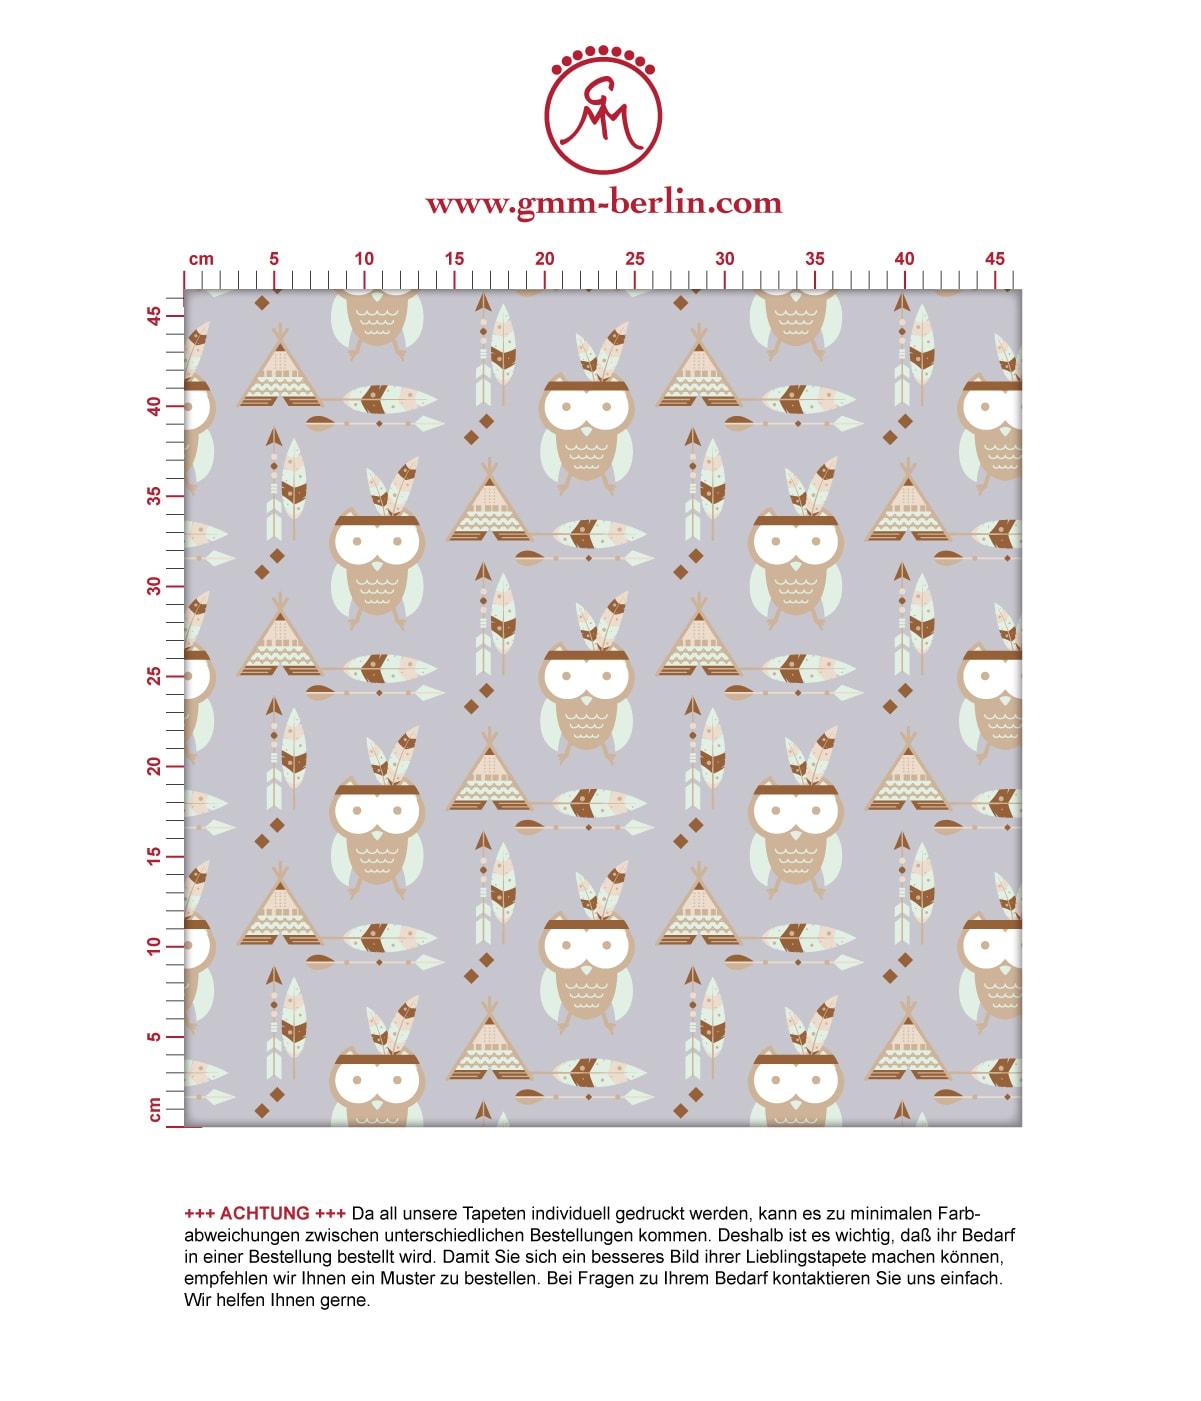 Kindertapete Indianer Eulen mit Federn in grau - Design Tapete für Kinderzimmer. Aus dem GMM-BERLIN.com Sortiment: Schöne Tapeten in der Farbe: braun